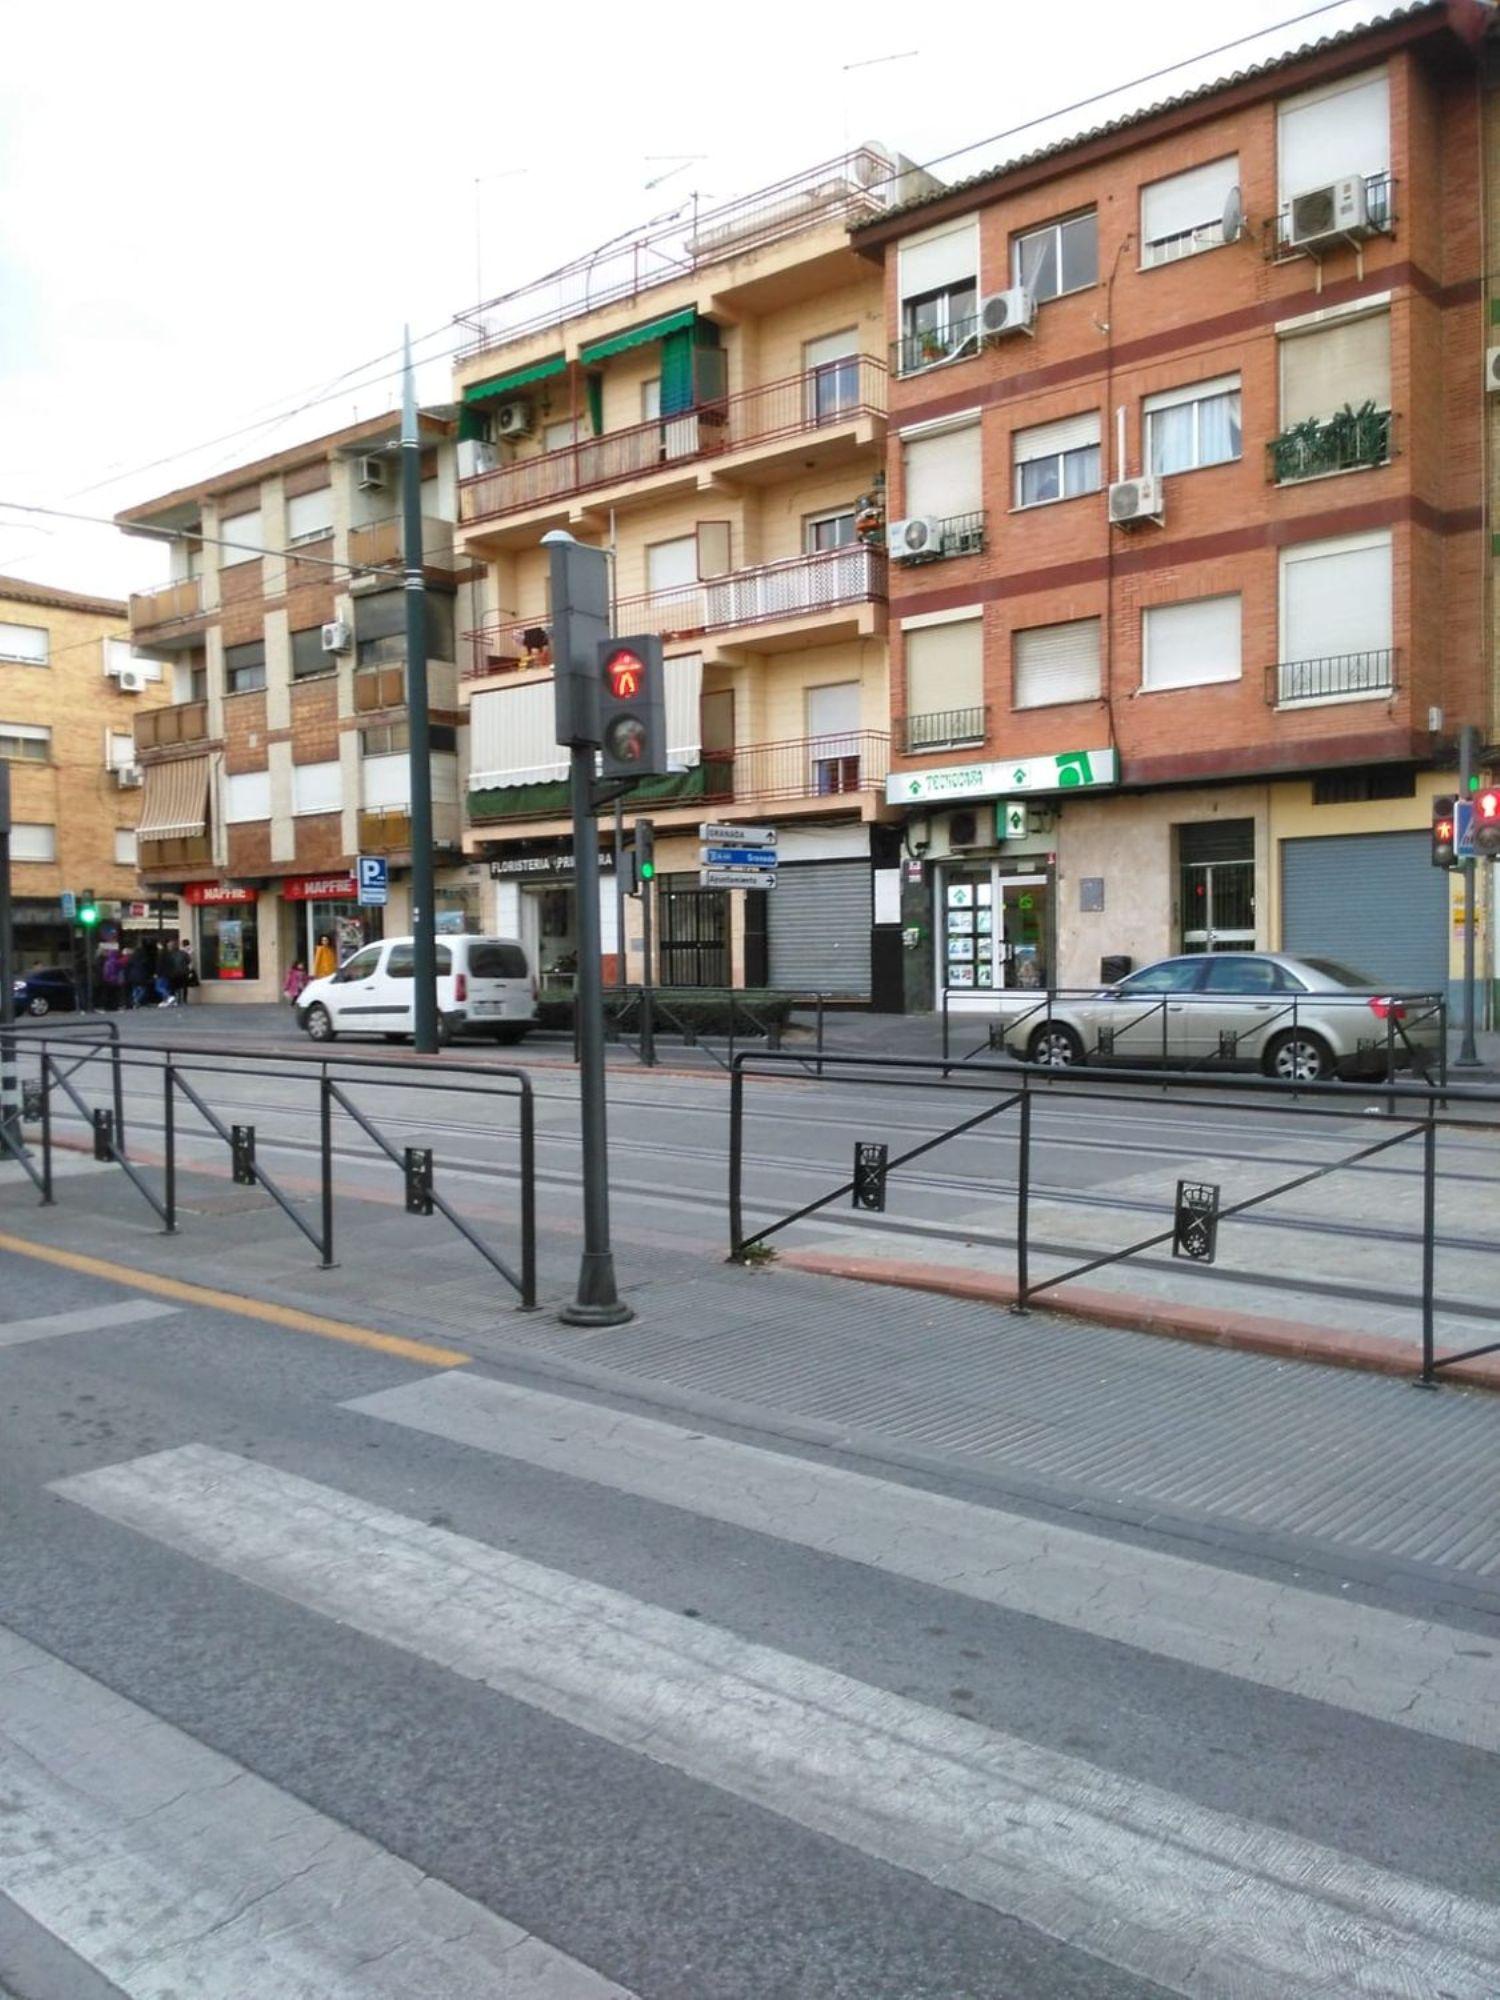 Alquiler de casas y pisos en Maracena Granada